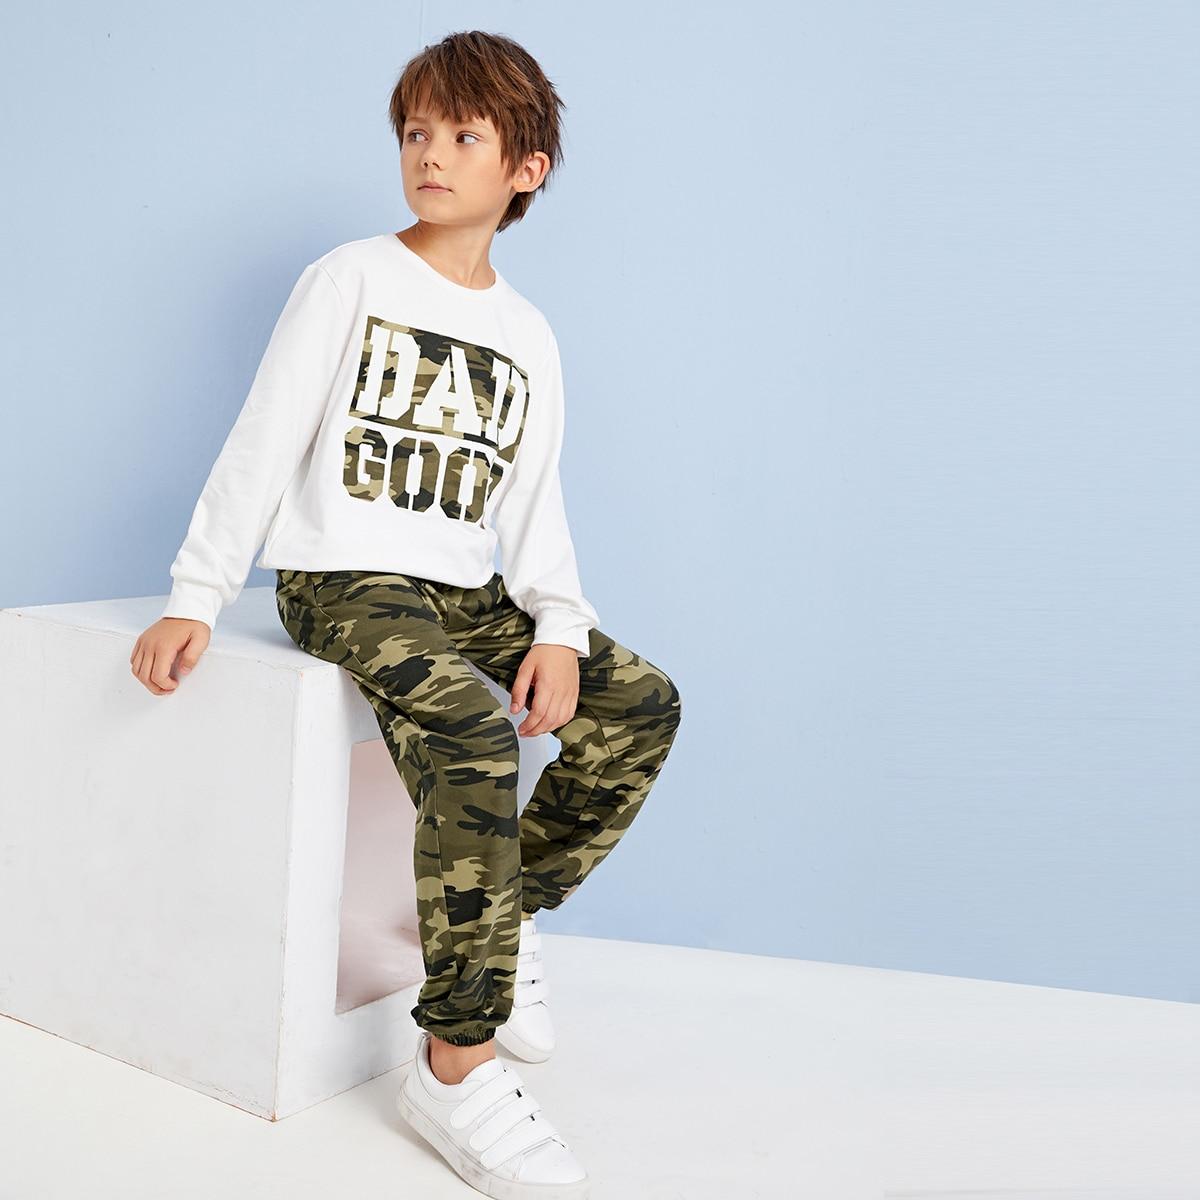 Пуловер с камуфляжным текстовым принтом и брюки для мальчиков от SHEIN